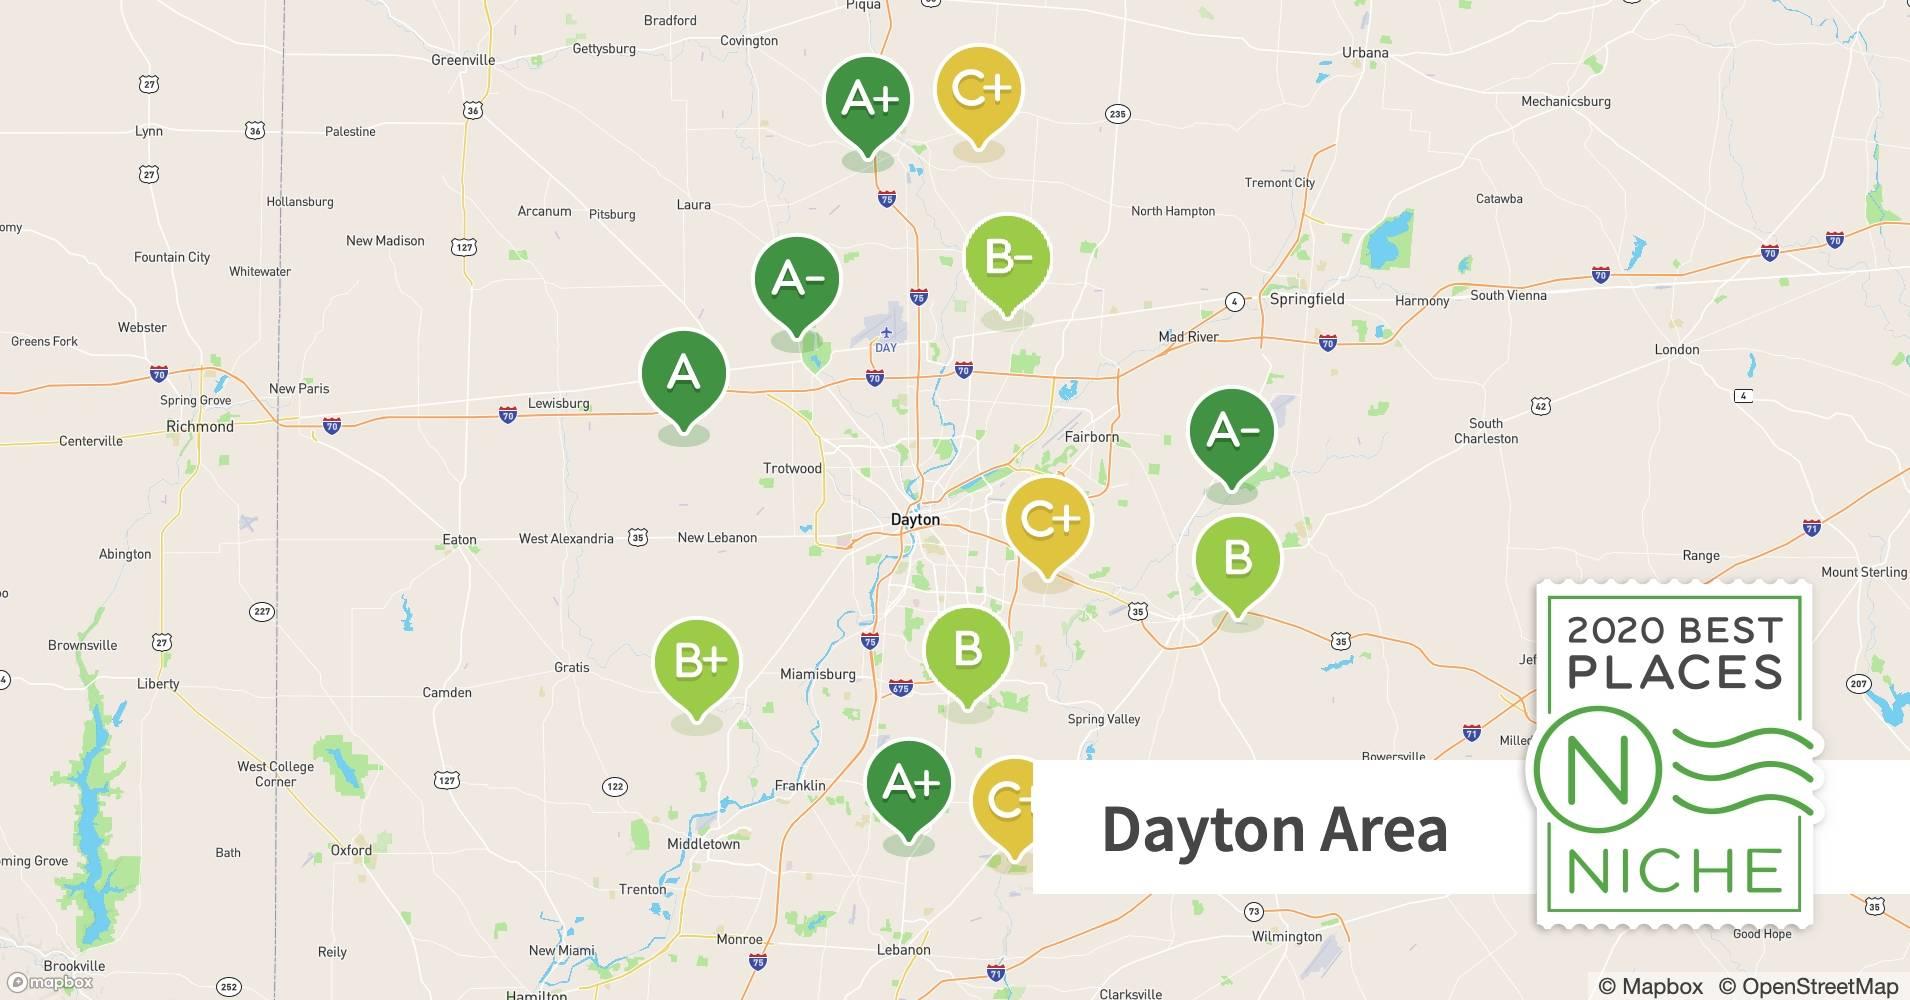 2020 Best Dayton Area Suburbs To Live Niche